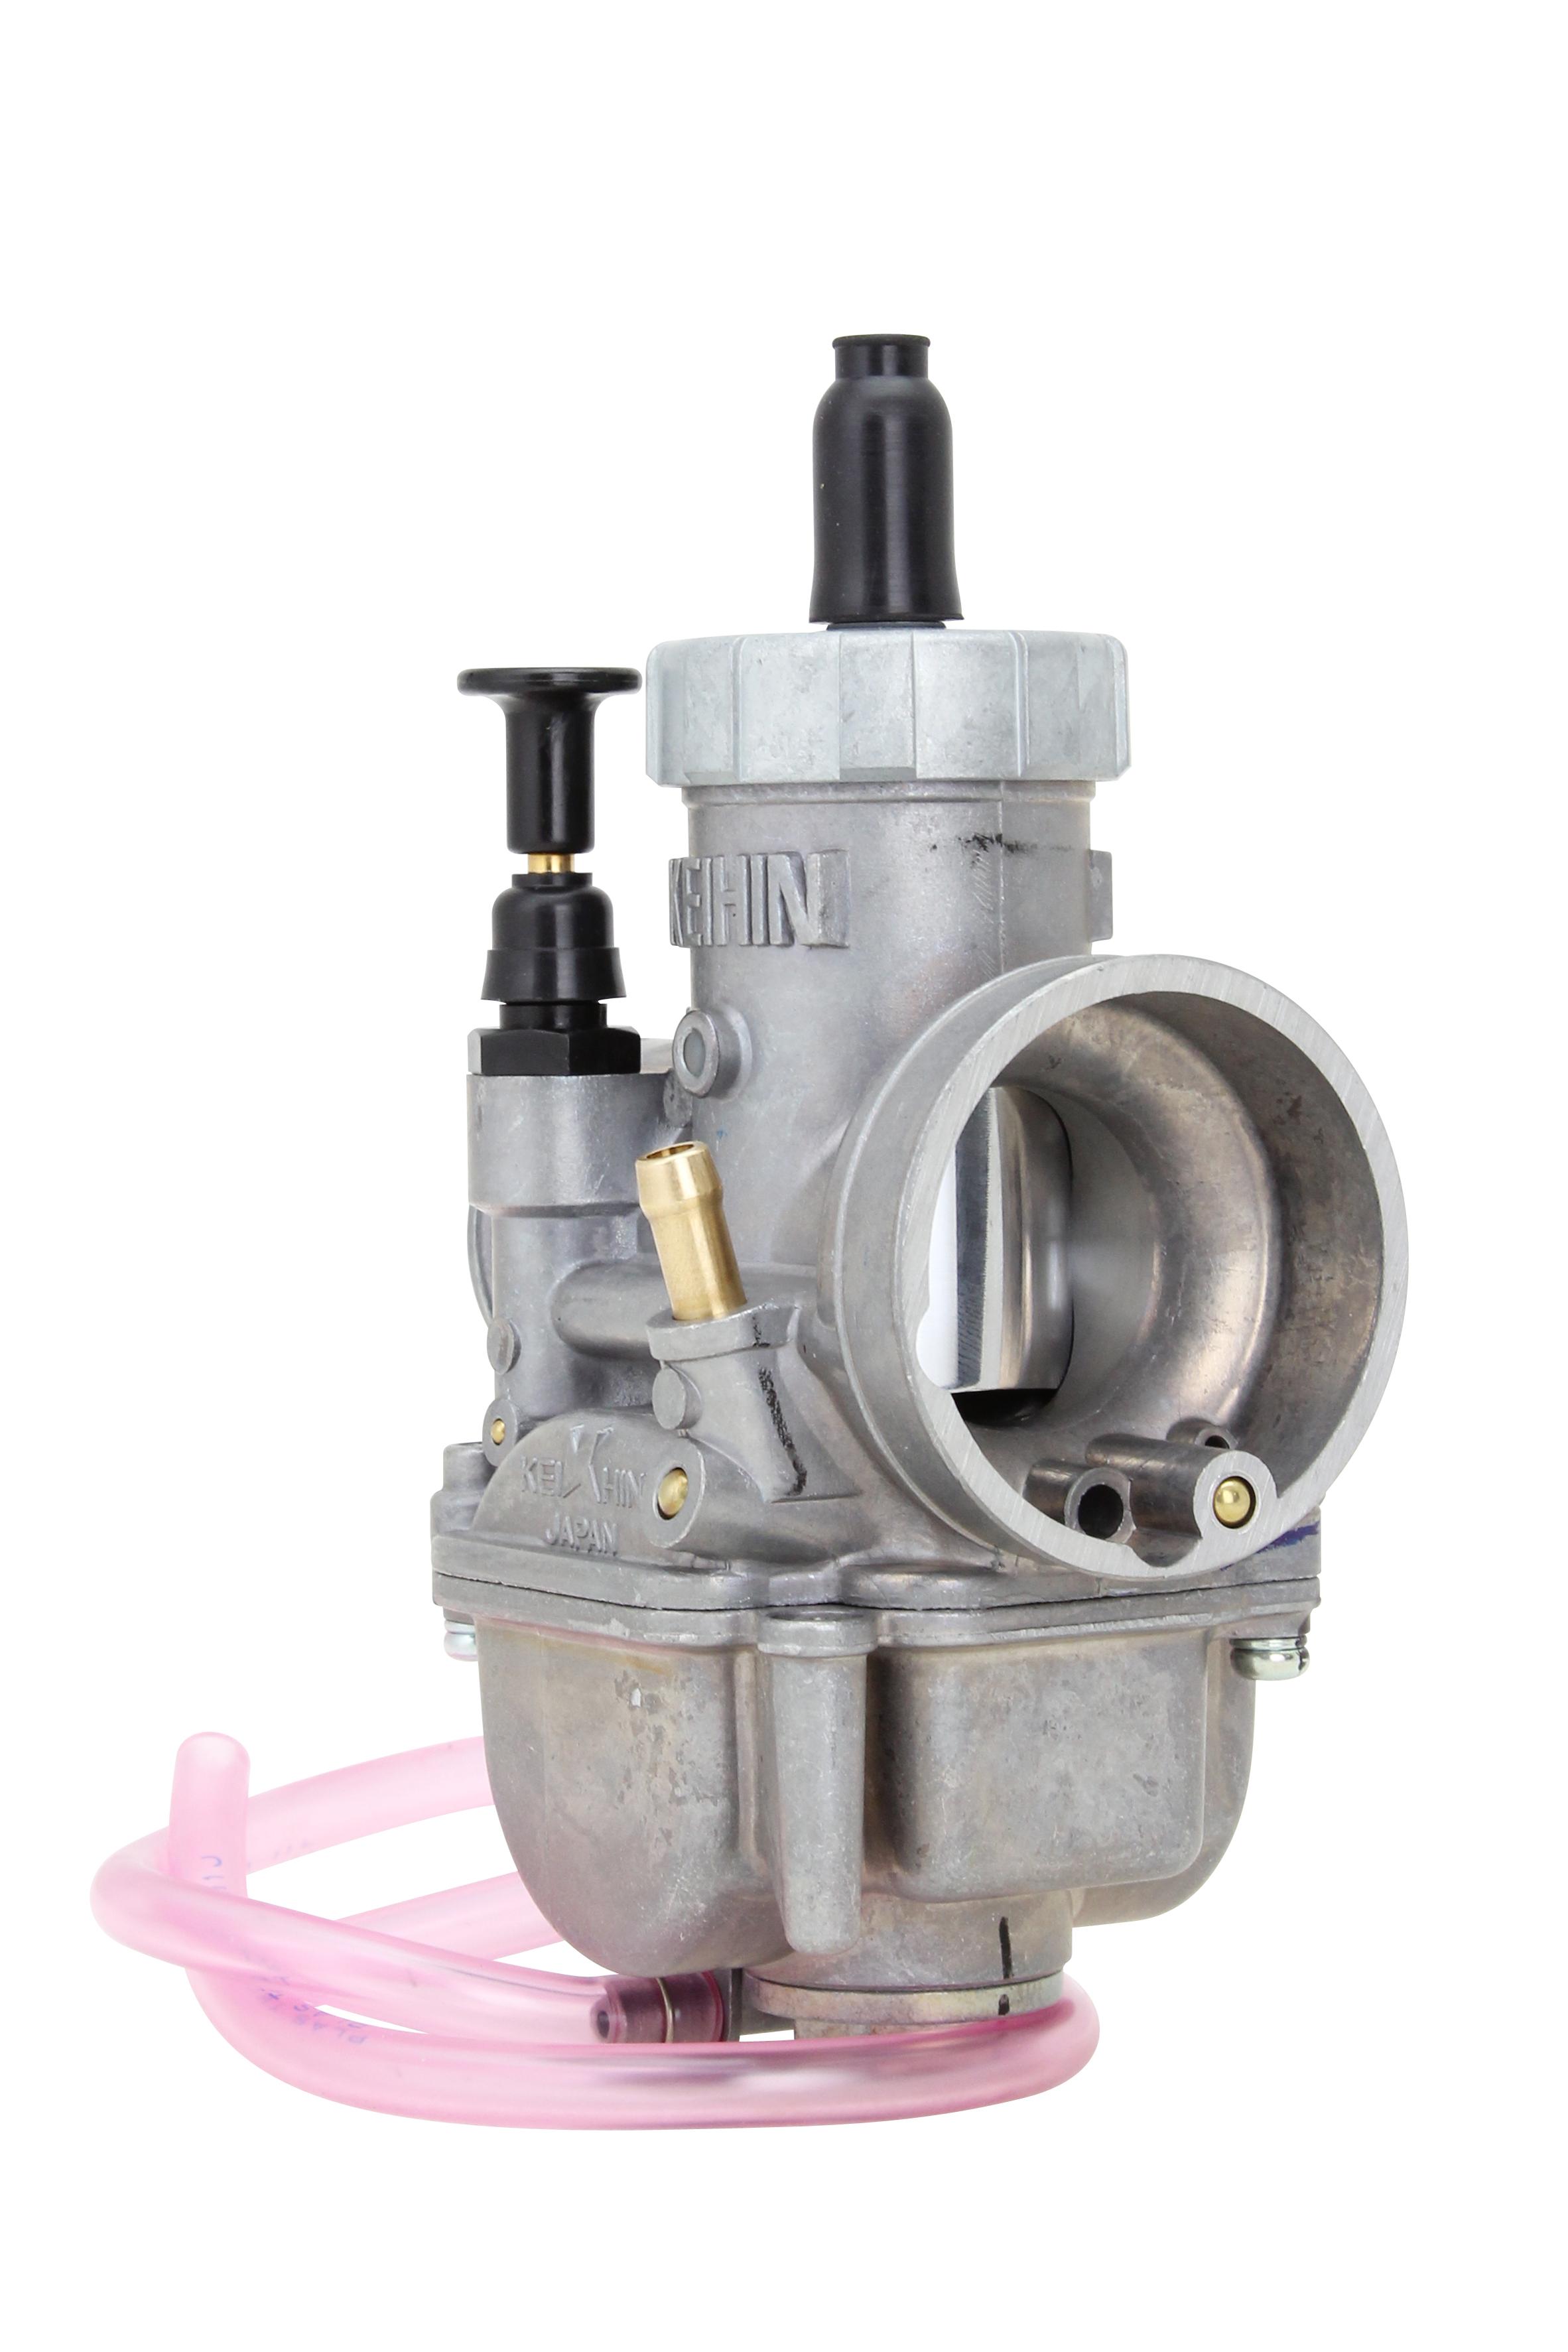 Carburetor KEIHIN PE 28mm, original Keihin